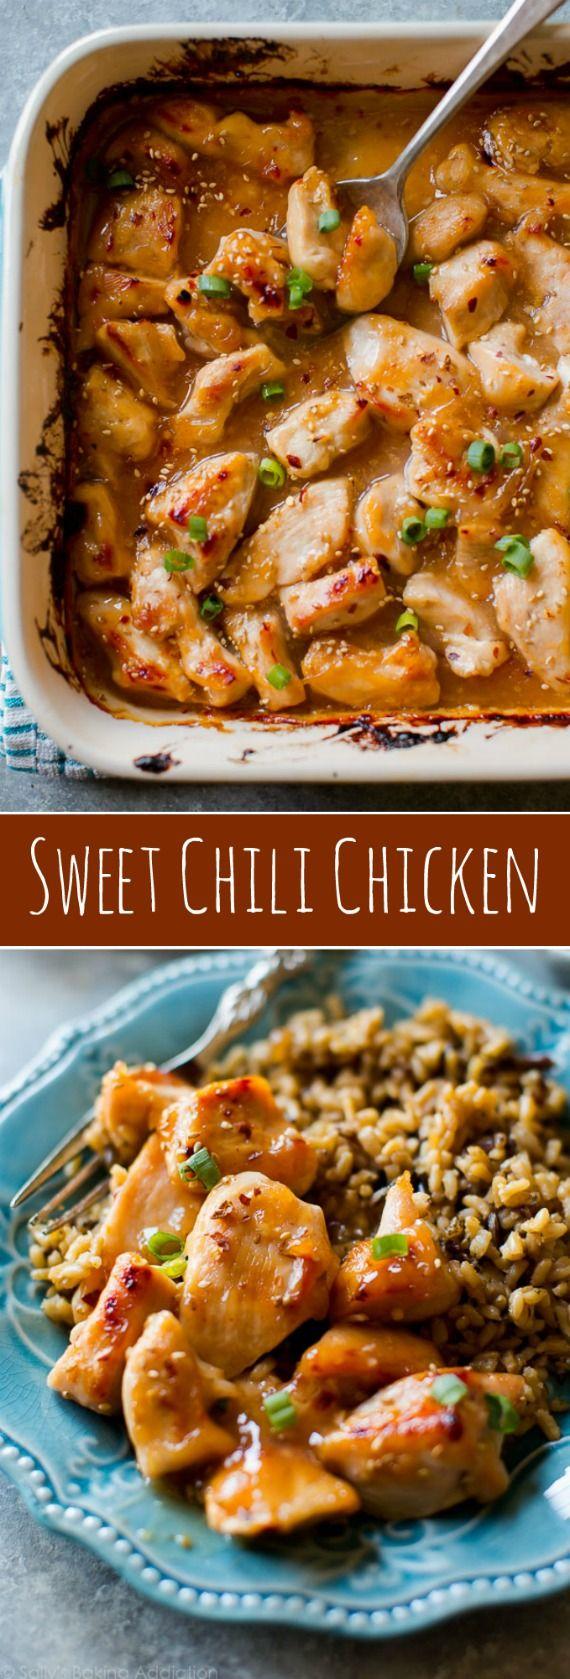 voor te bereiden eenvoudig dit makkelijk sweet chili saus, giet over de kip en bak!  Diner recept op sallysbakingaddiction.com